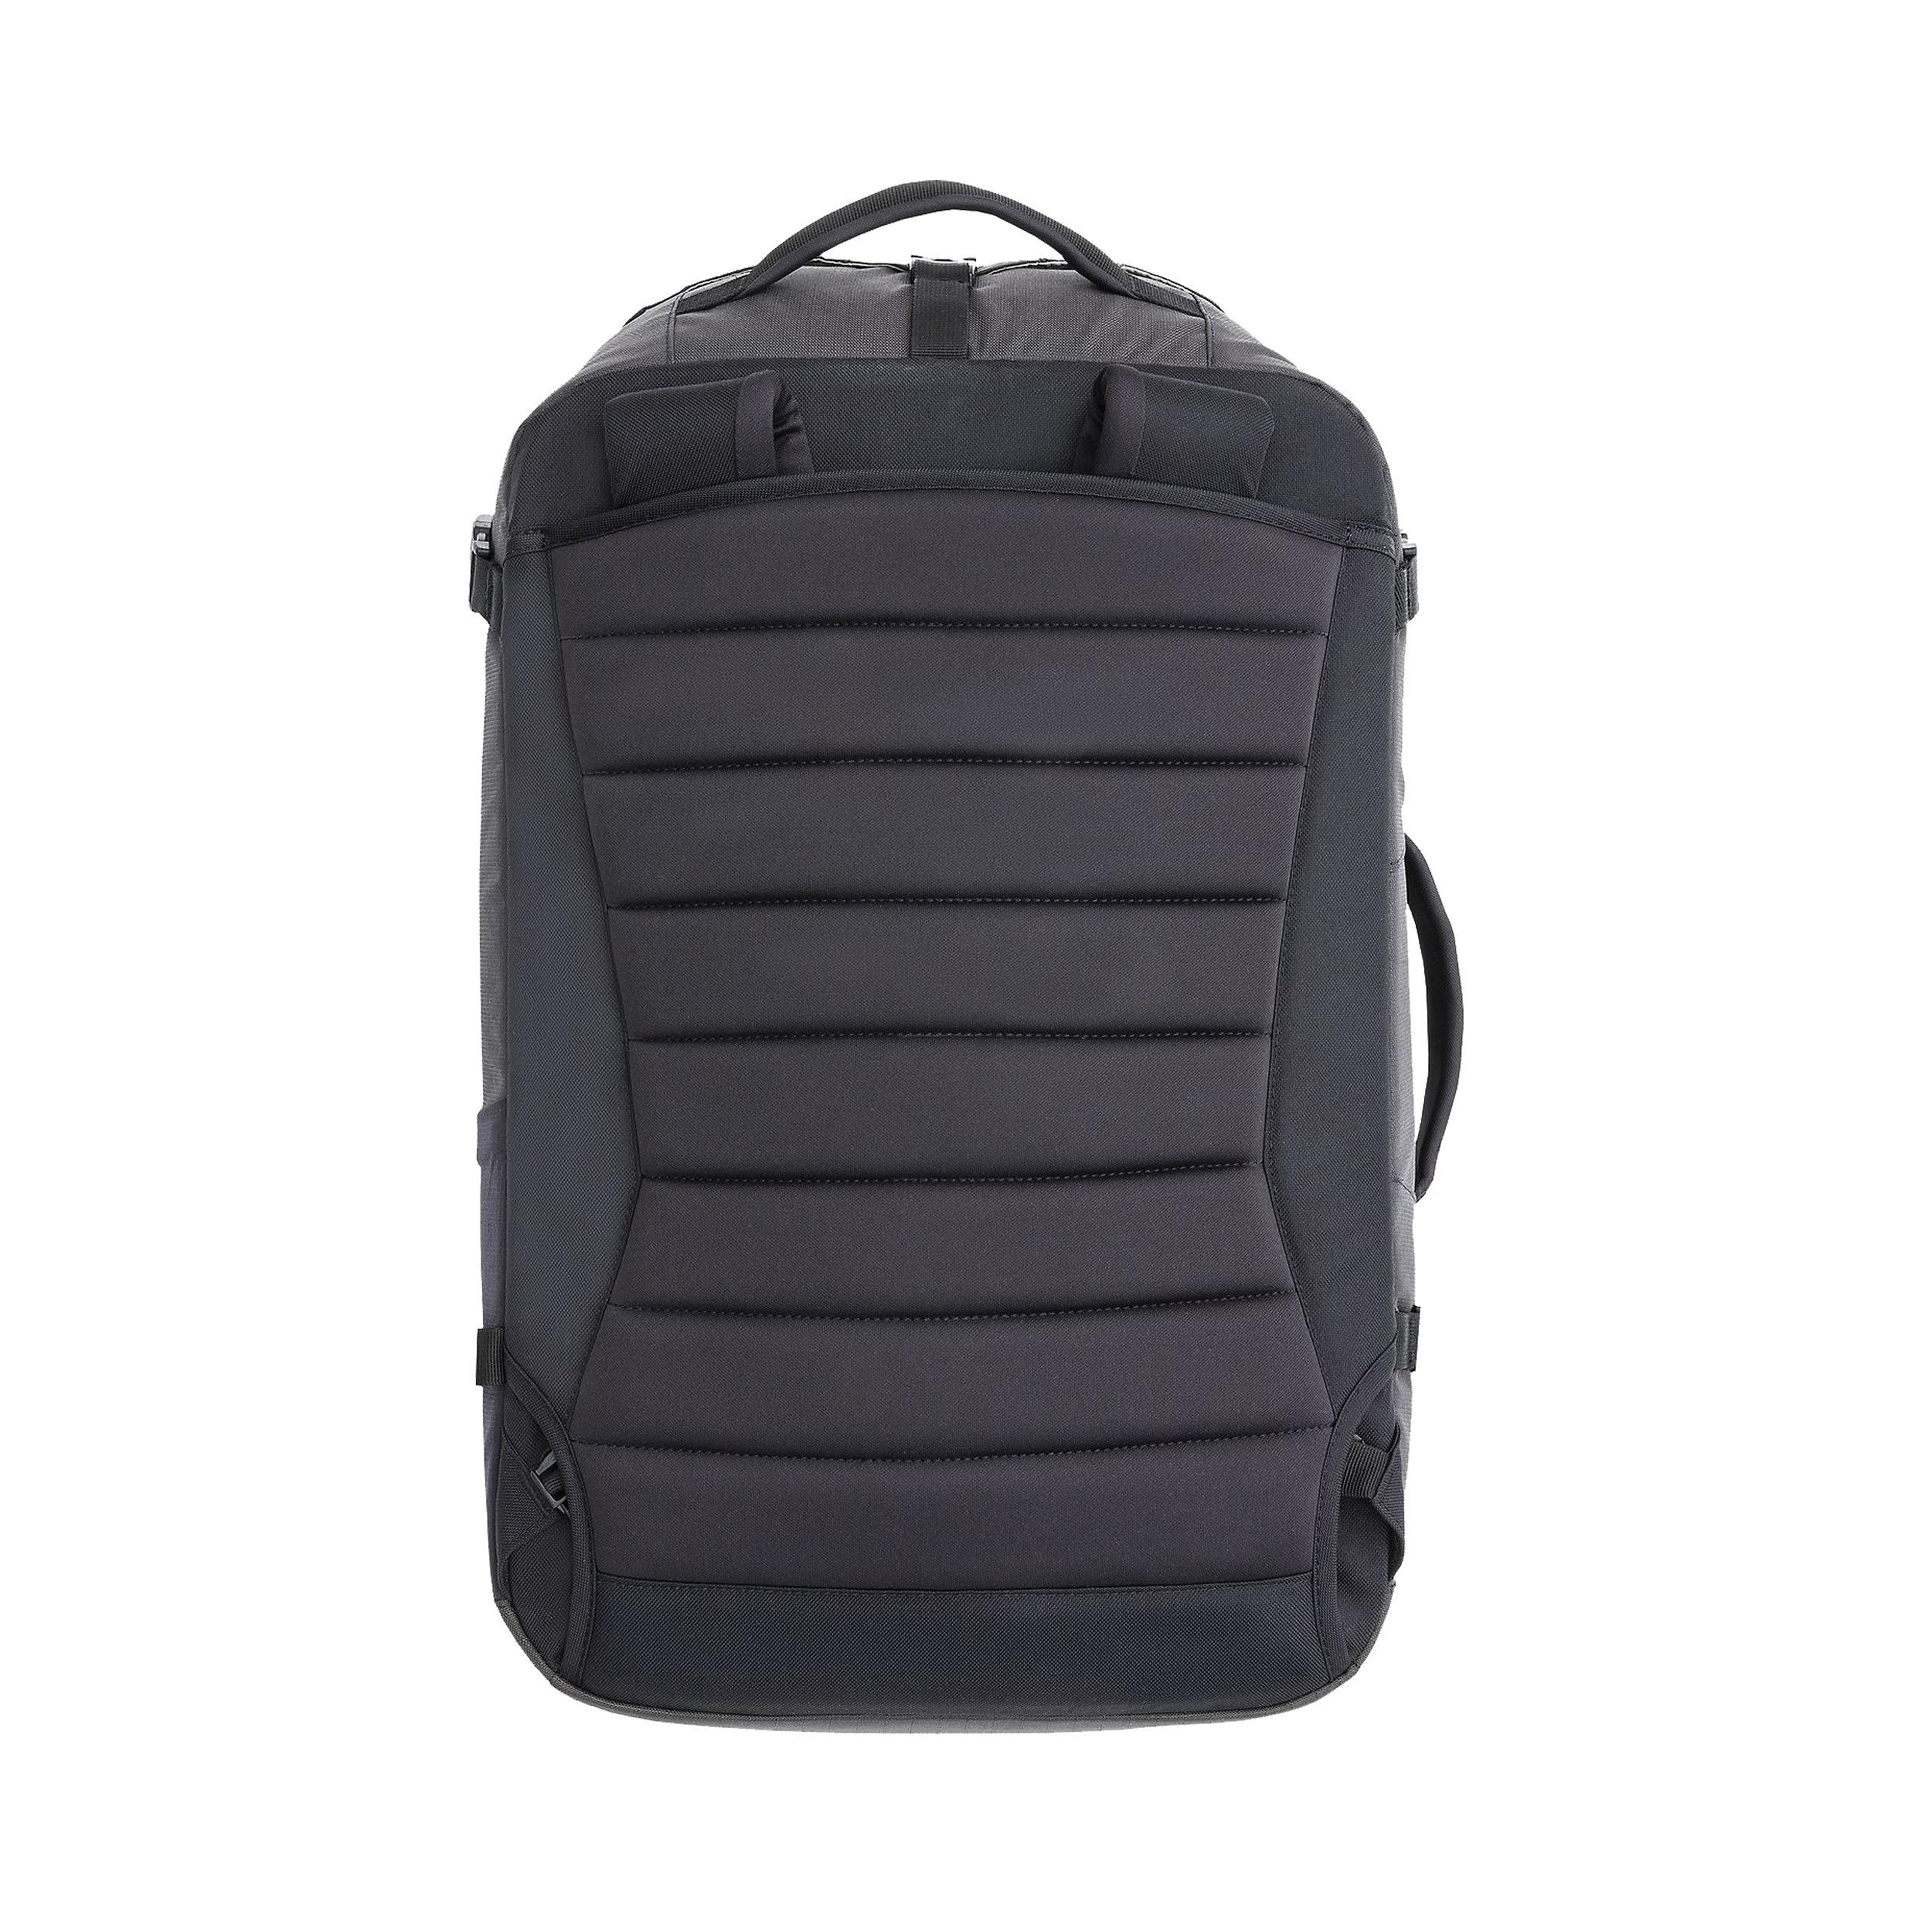 Rucksack 15,6 Zoll Mundo 38 Liter